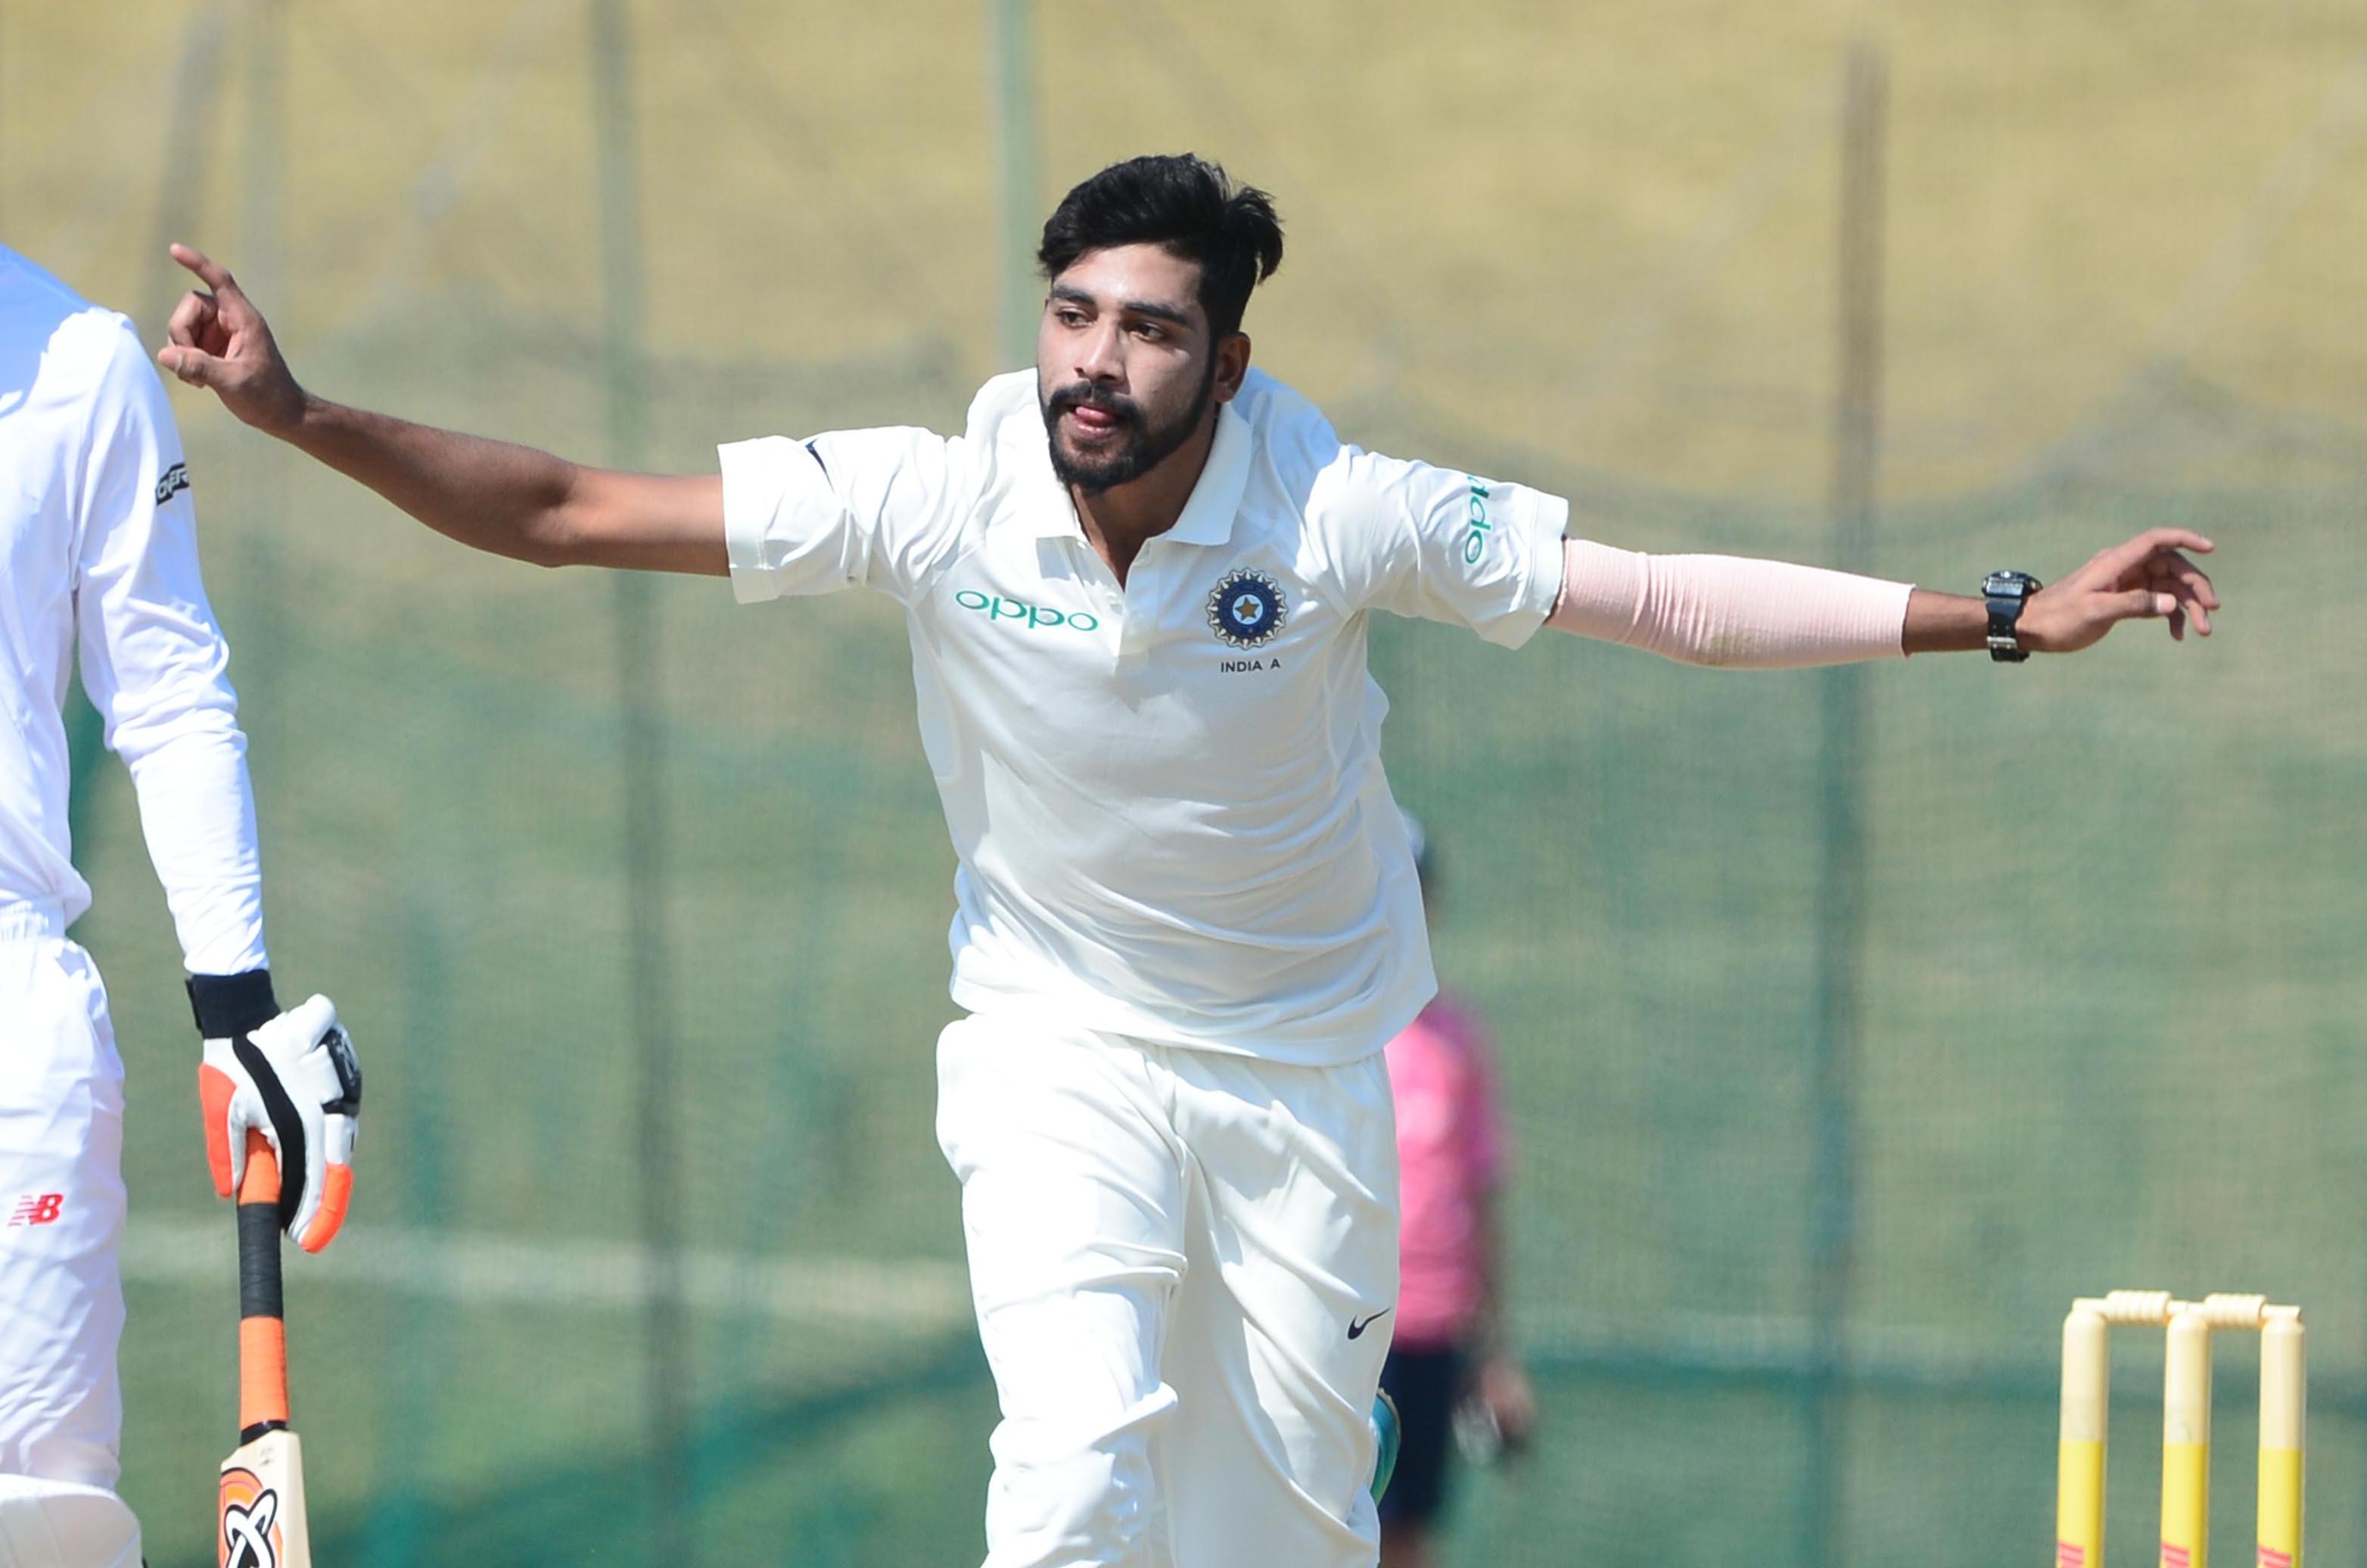 वेस्टइंडीज के खिलाफ इन पांच युवा खिलाड़ियों को मिल सकती हैं पहली बार भारतीय टीम में जगह 6